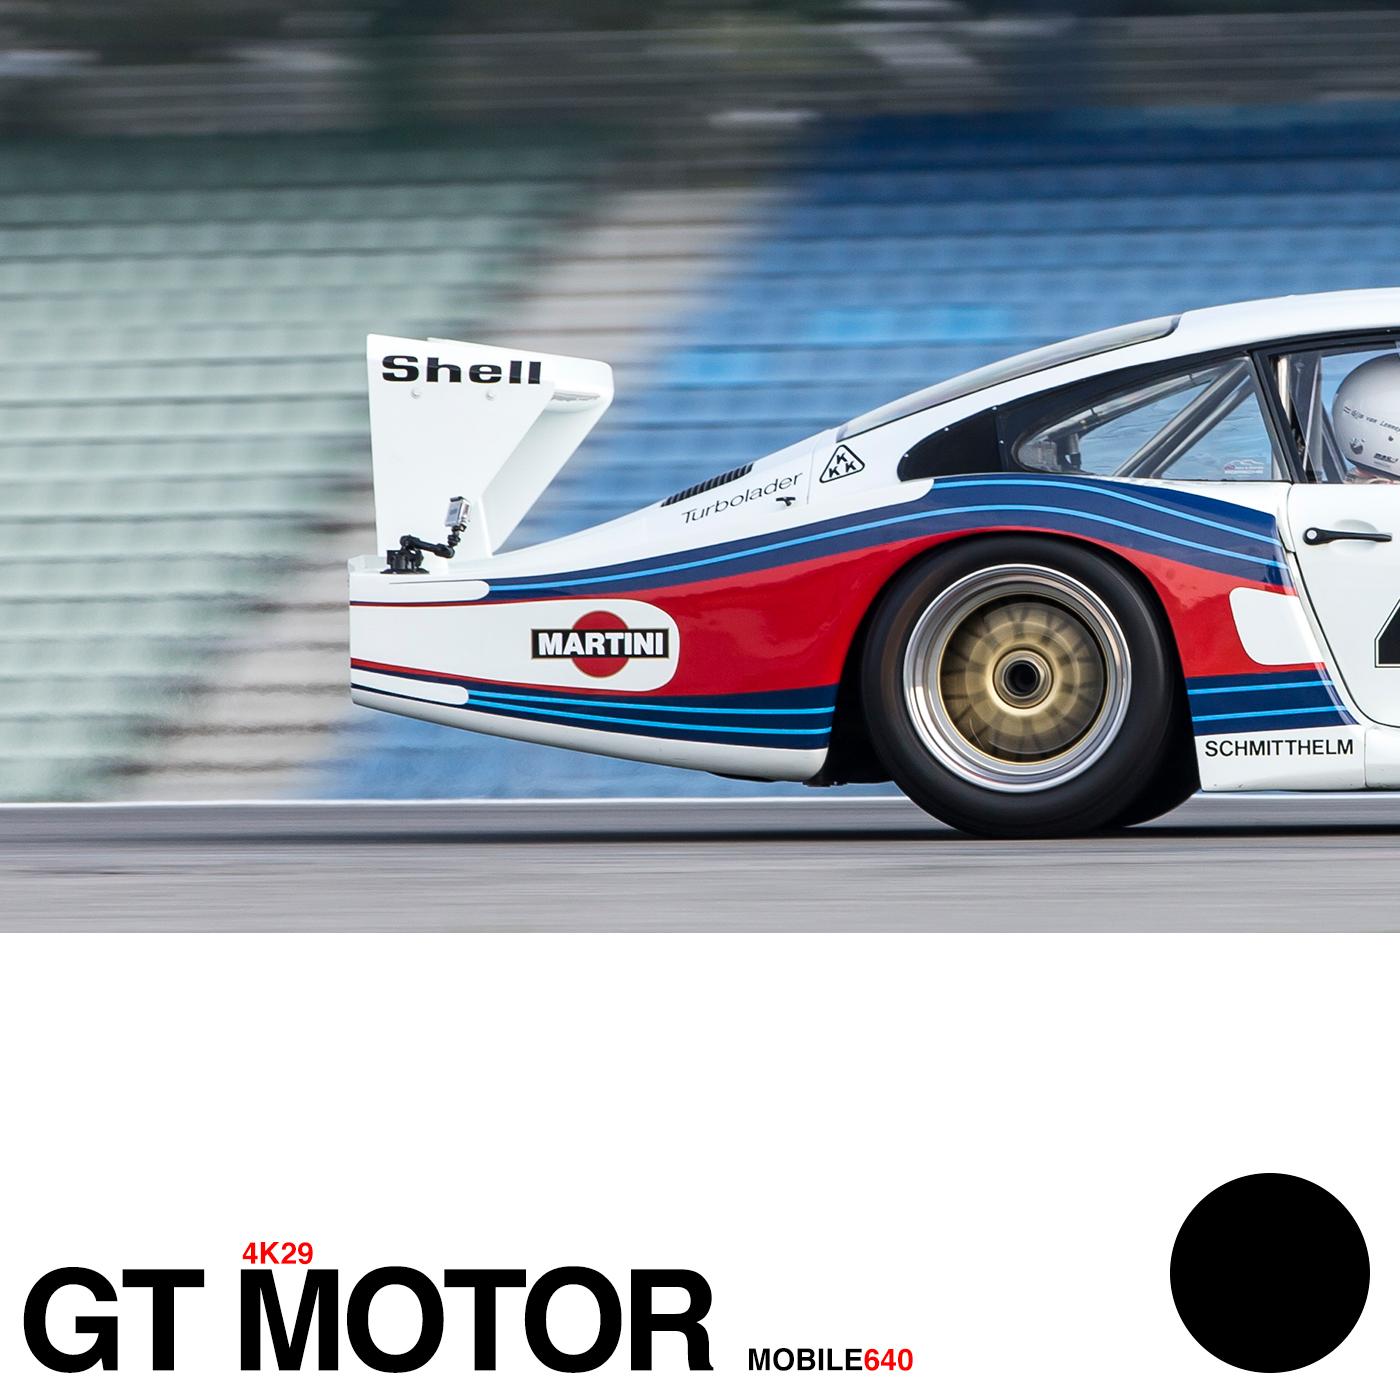 GT MOTOR 4K29 MOBILE640